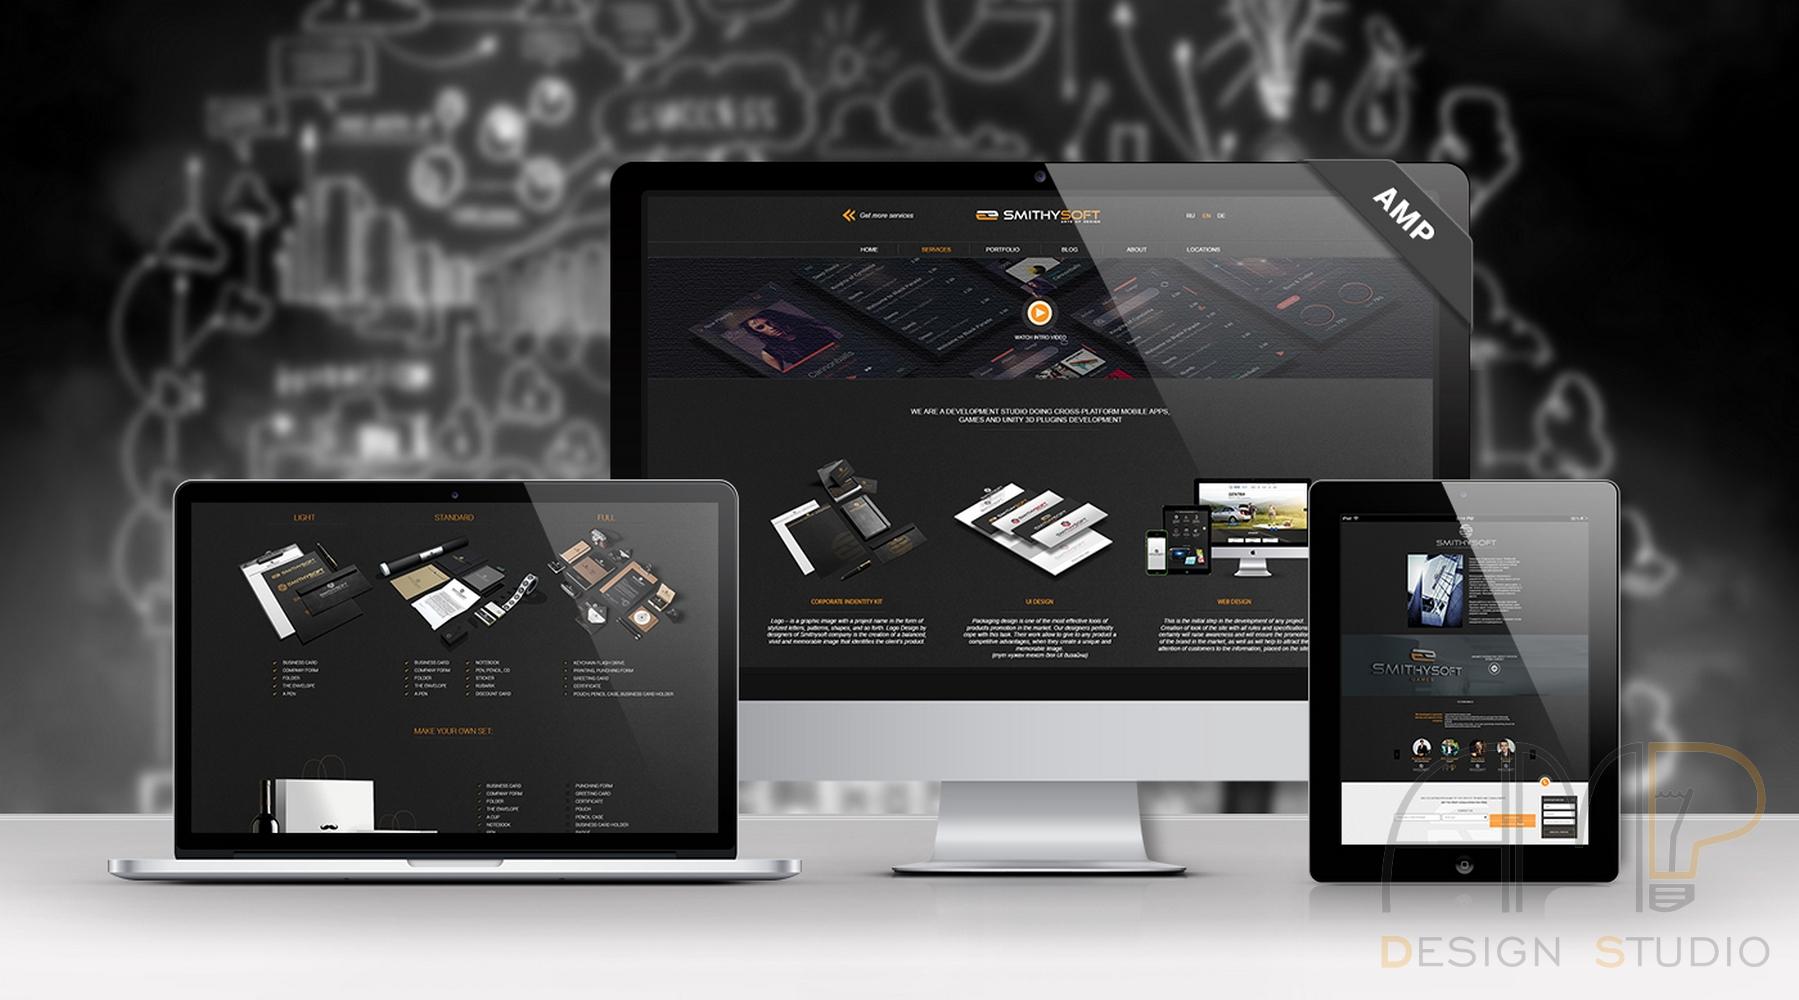 smithysoft-sajt-6